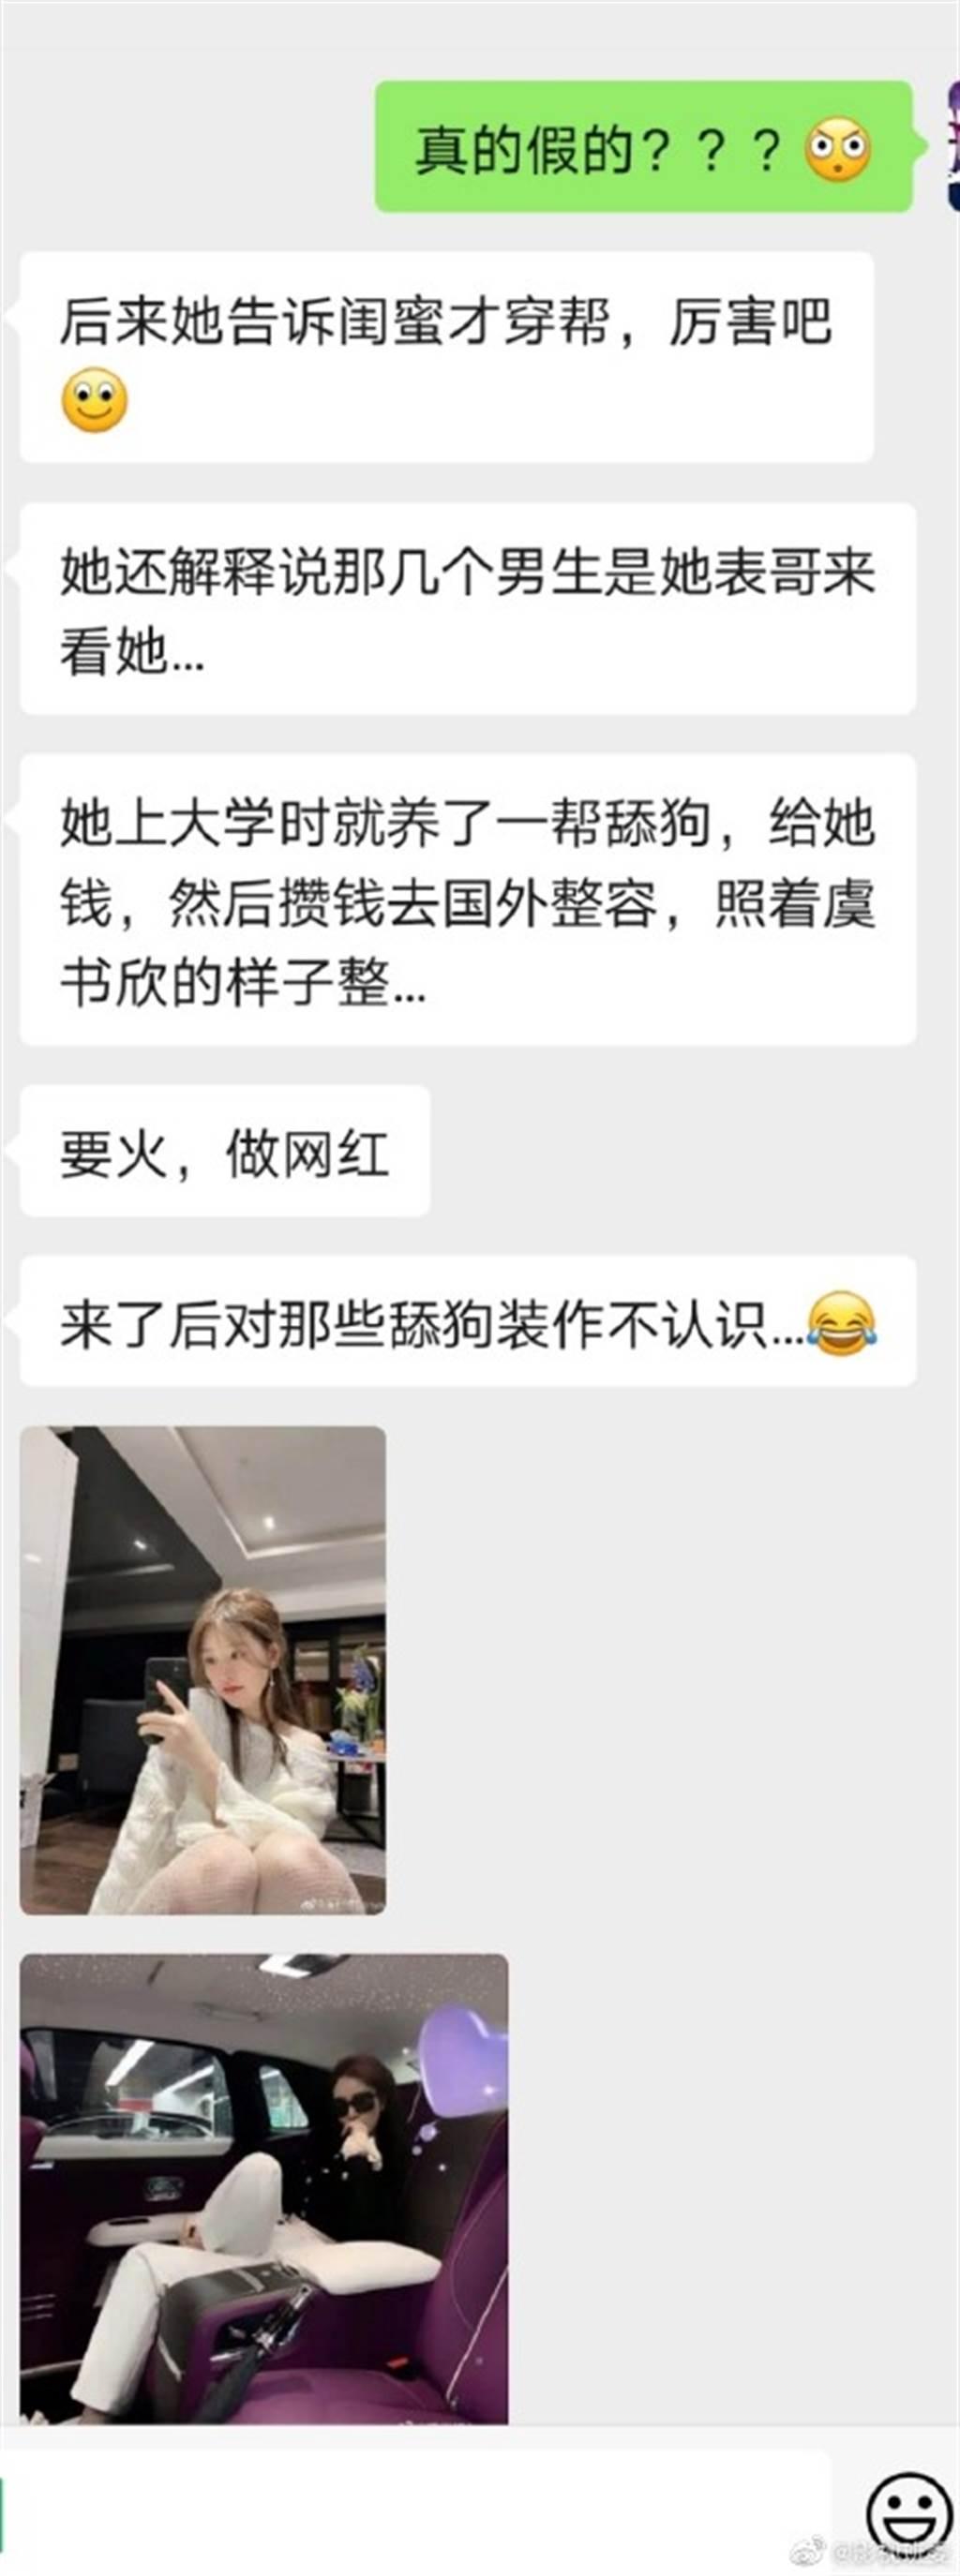 世妍的富二代男友揭開她的真面目。(圖/微博)